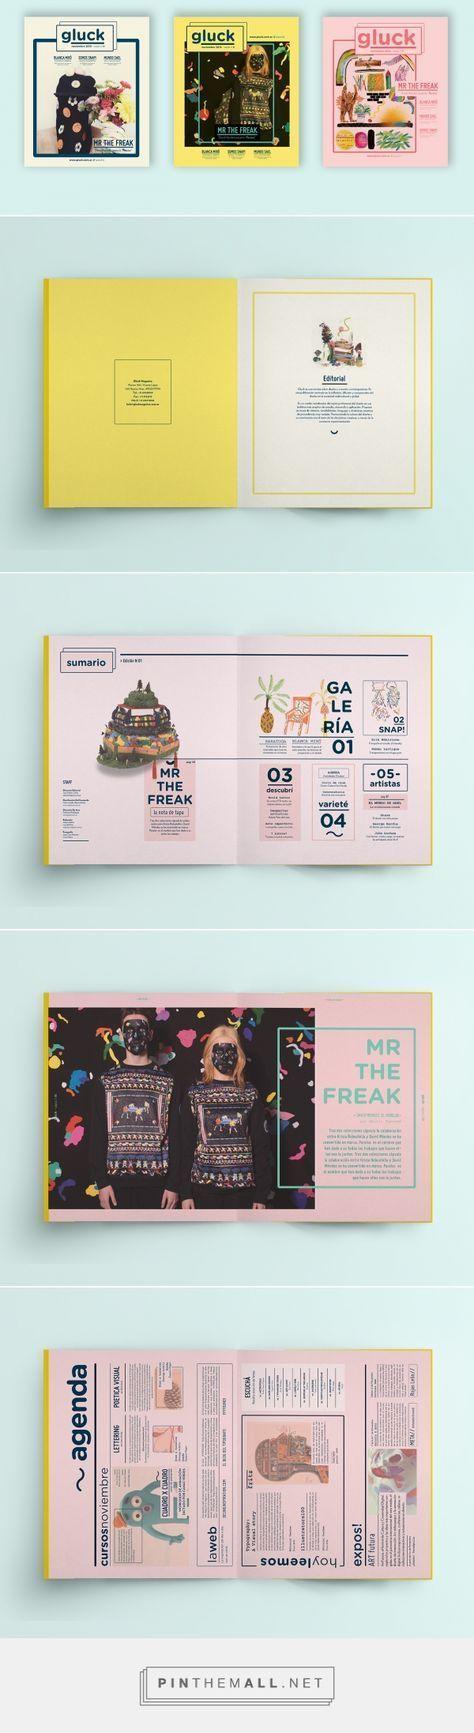 Revista Gluck on Behance - #editorial #diagramação